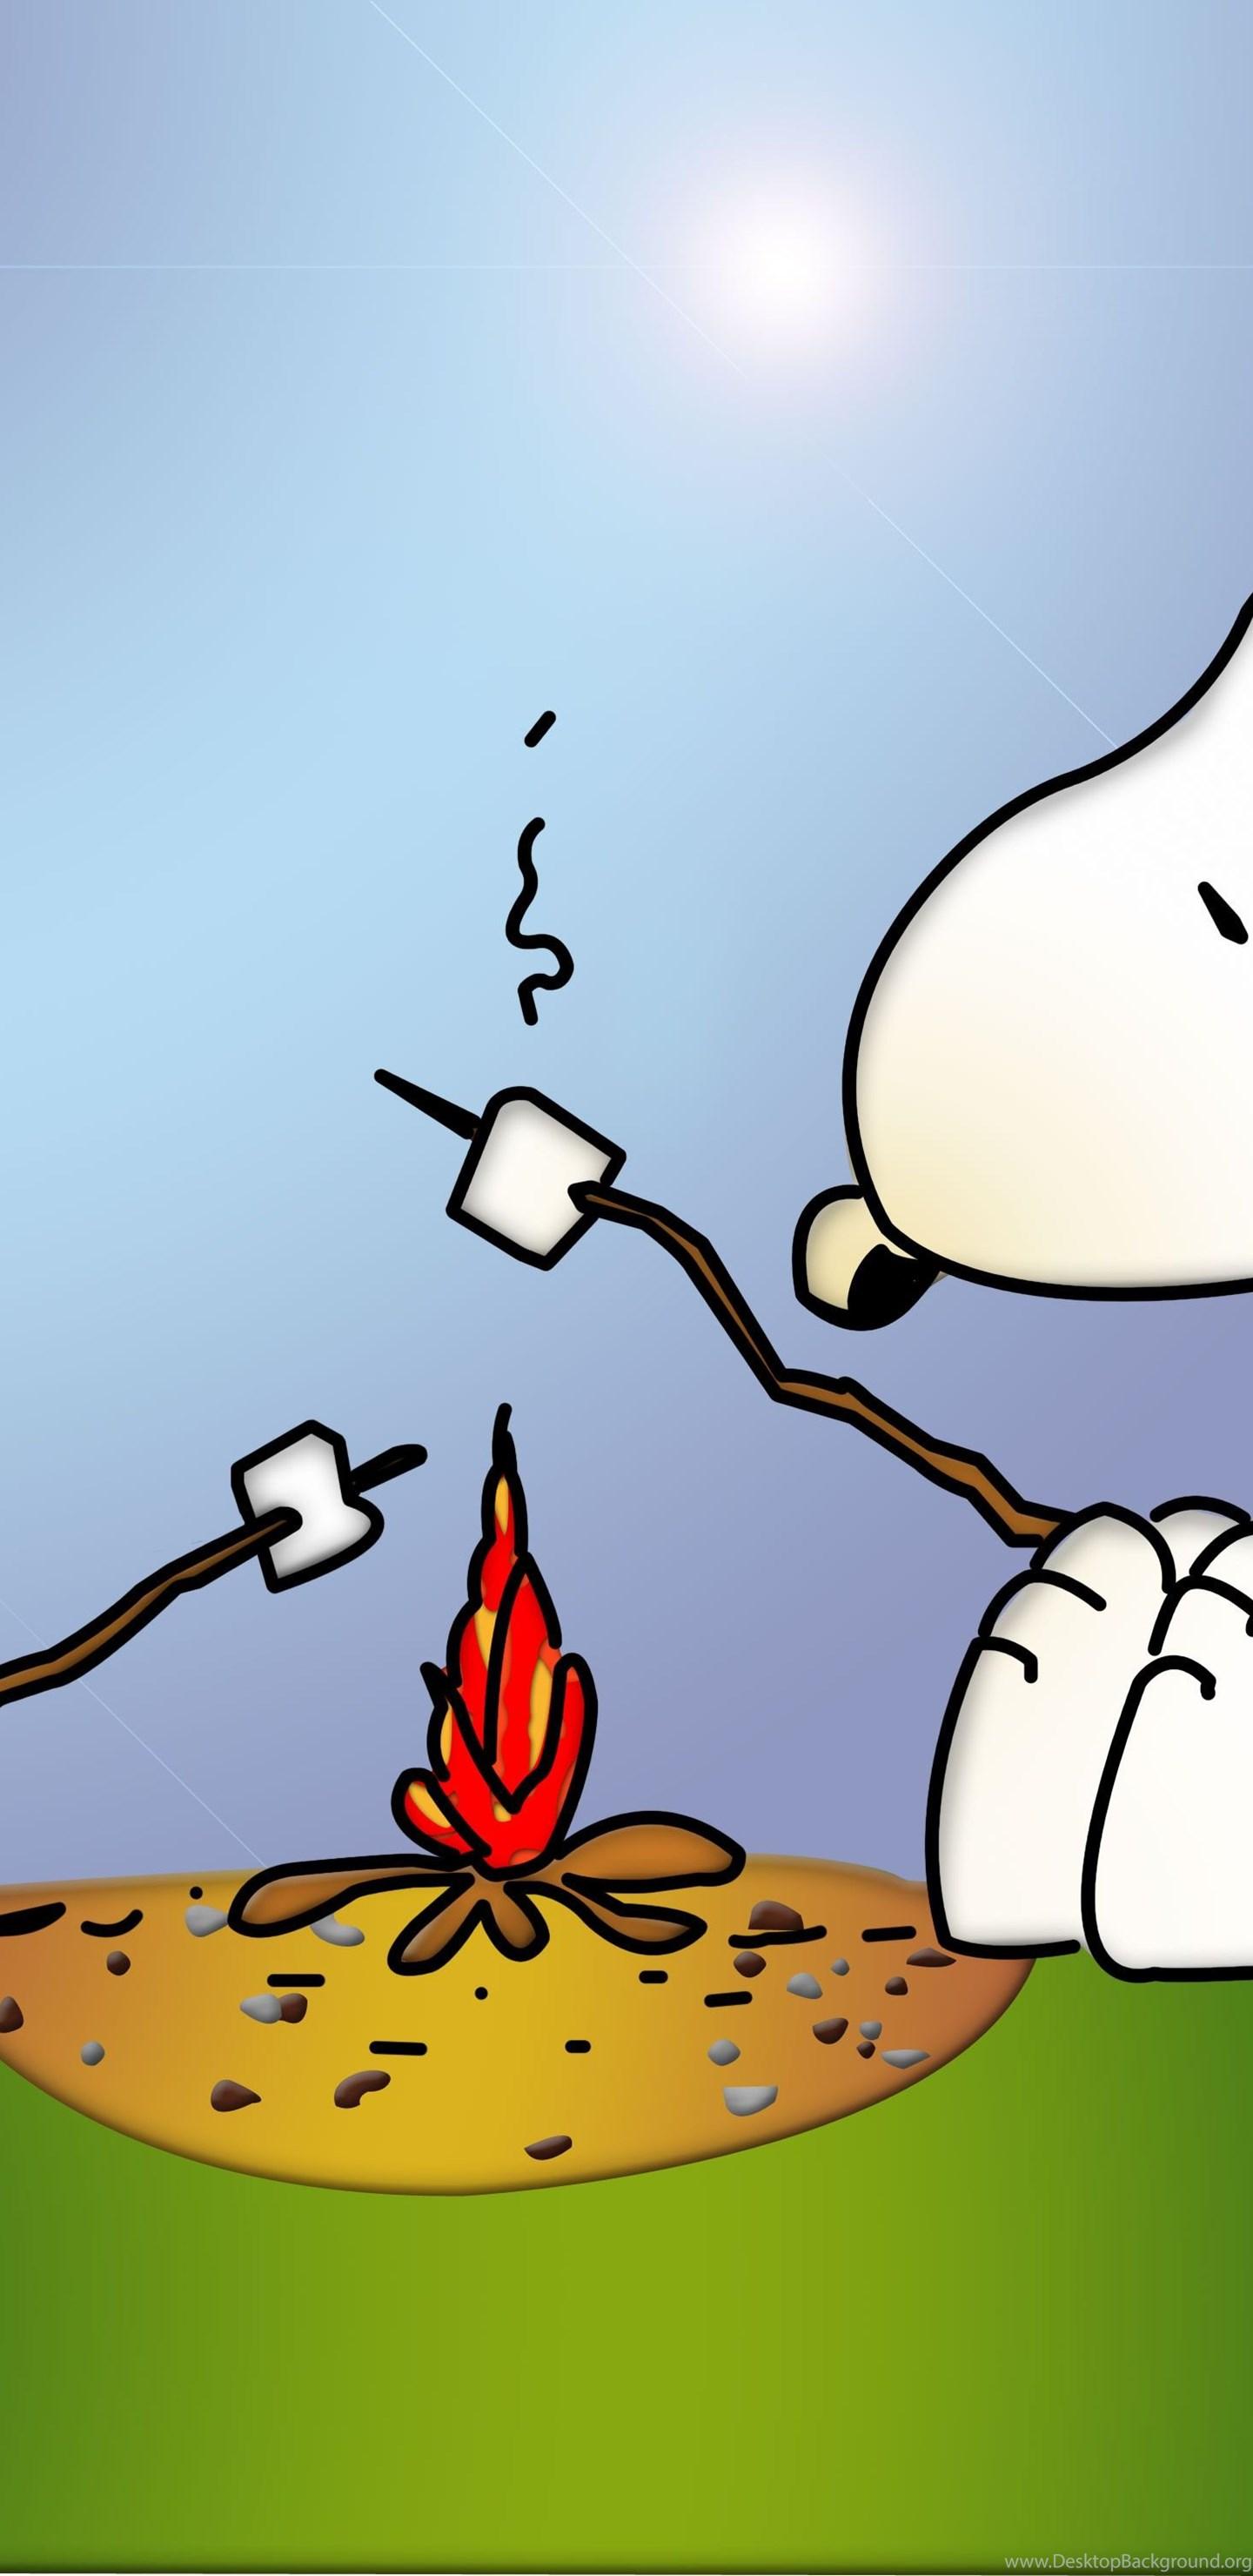 Snoopy Woodstock Cartoon Wallpapers For Macbook Cartoons Wallpapers Desktop Background